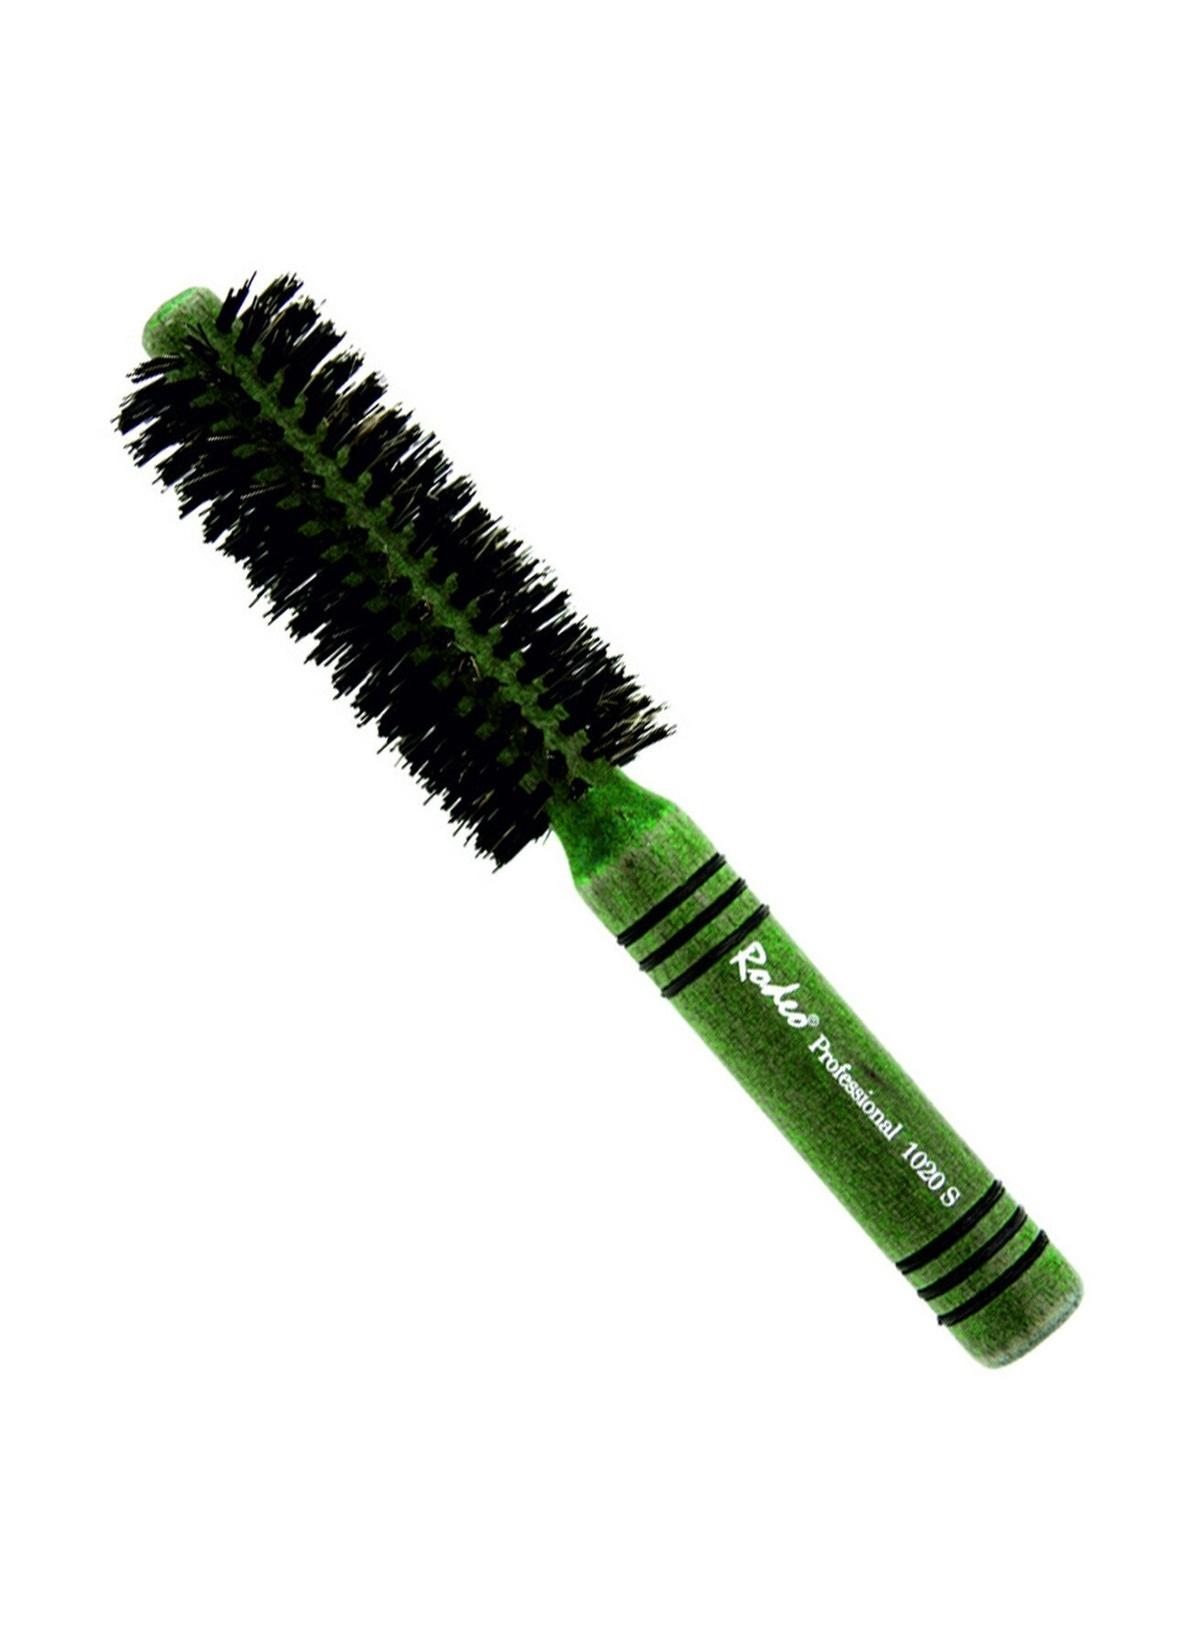 Rodeo Saç Fırçası Ve Tarak Rodeo Professıonal 1020s Saç Fön Fırçası – 32.9 TL